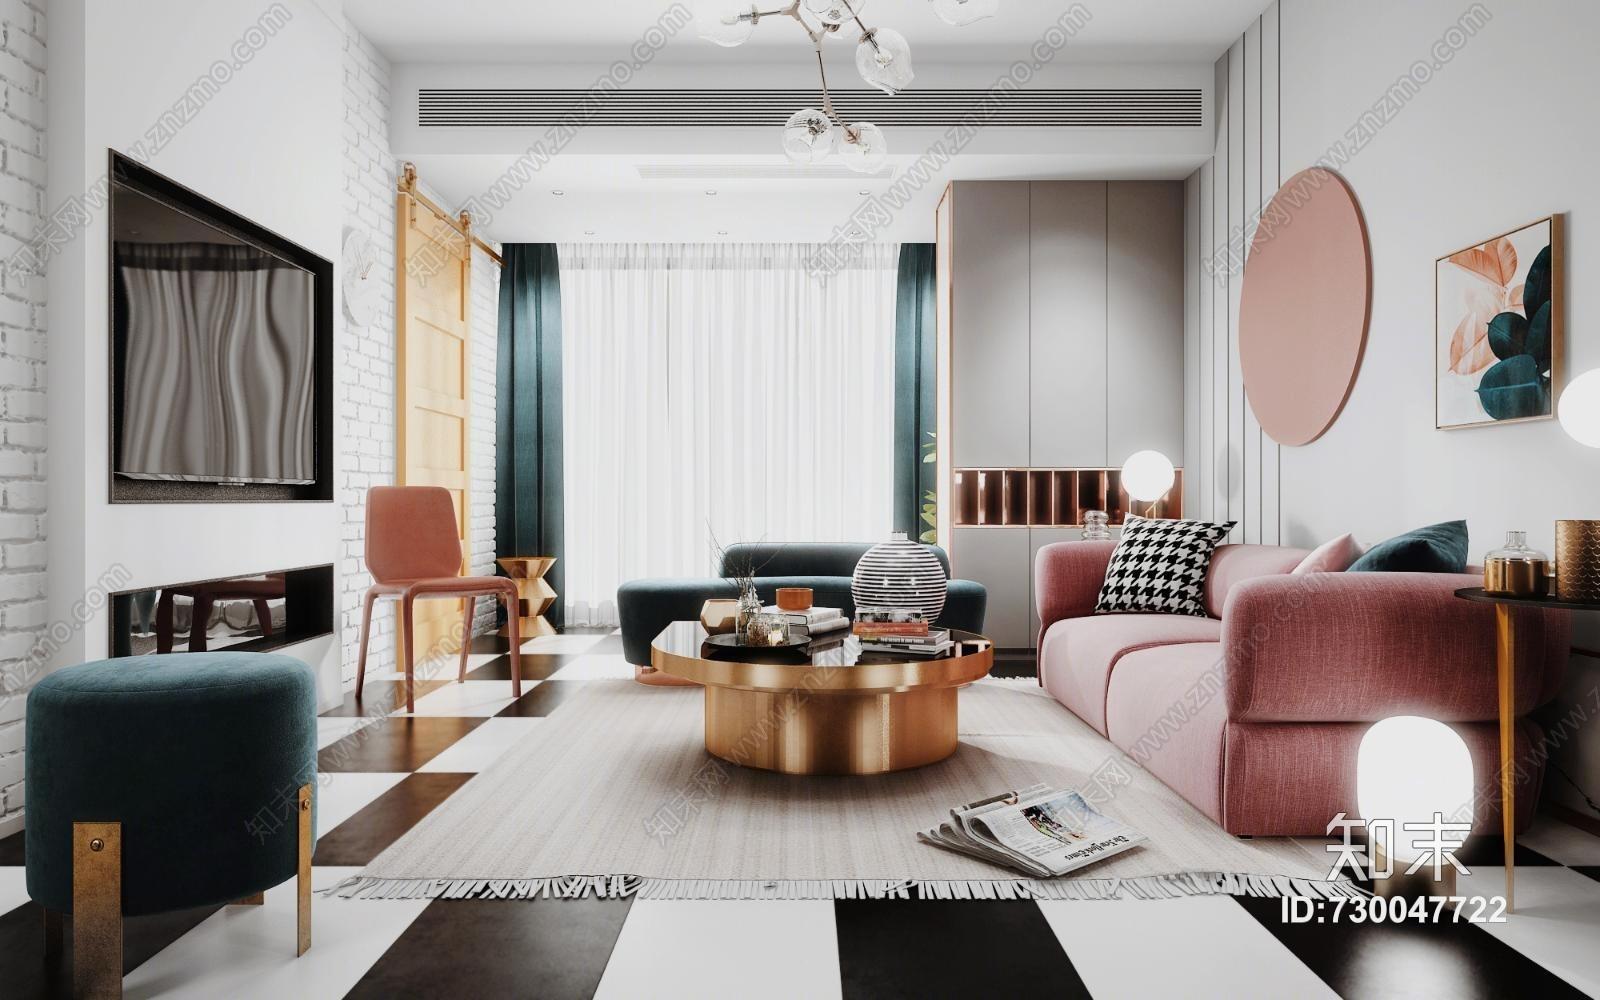 现代北欧客厅模型 沙发组合 茶几 坐墩 吊灯 单椅